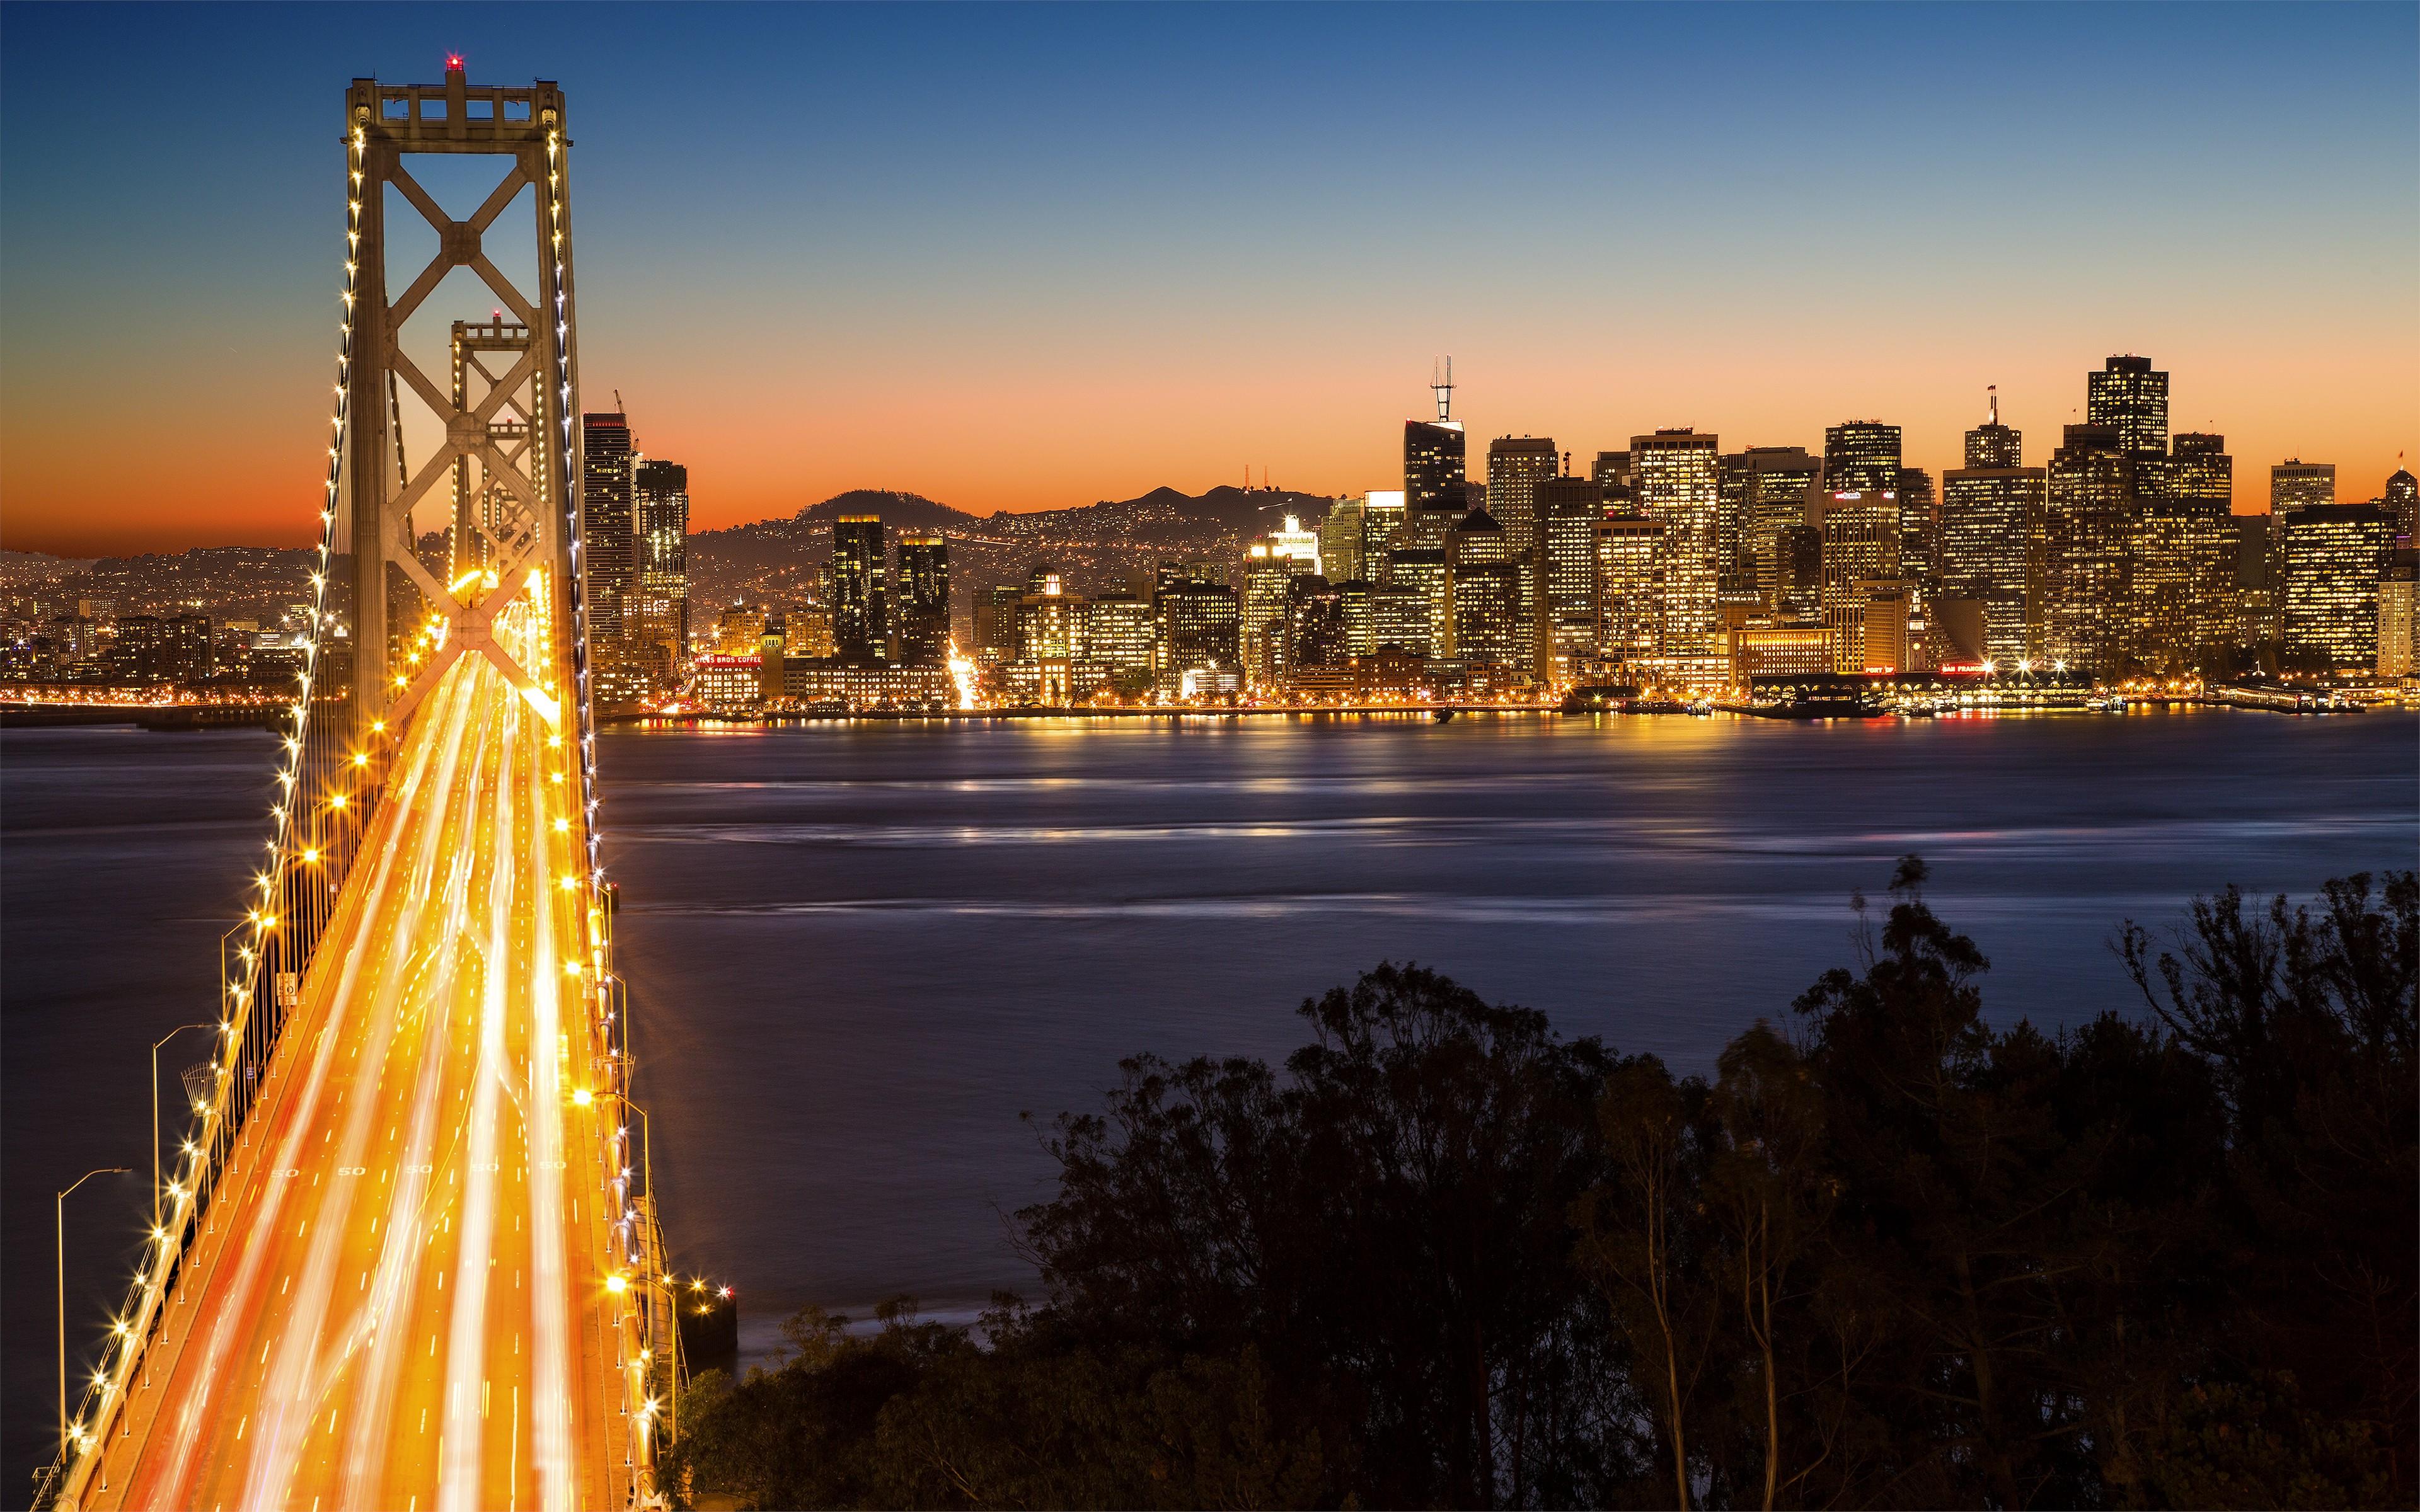 мост огни город залив бесплатно